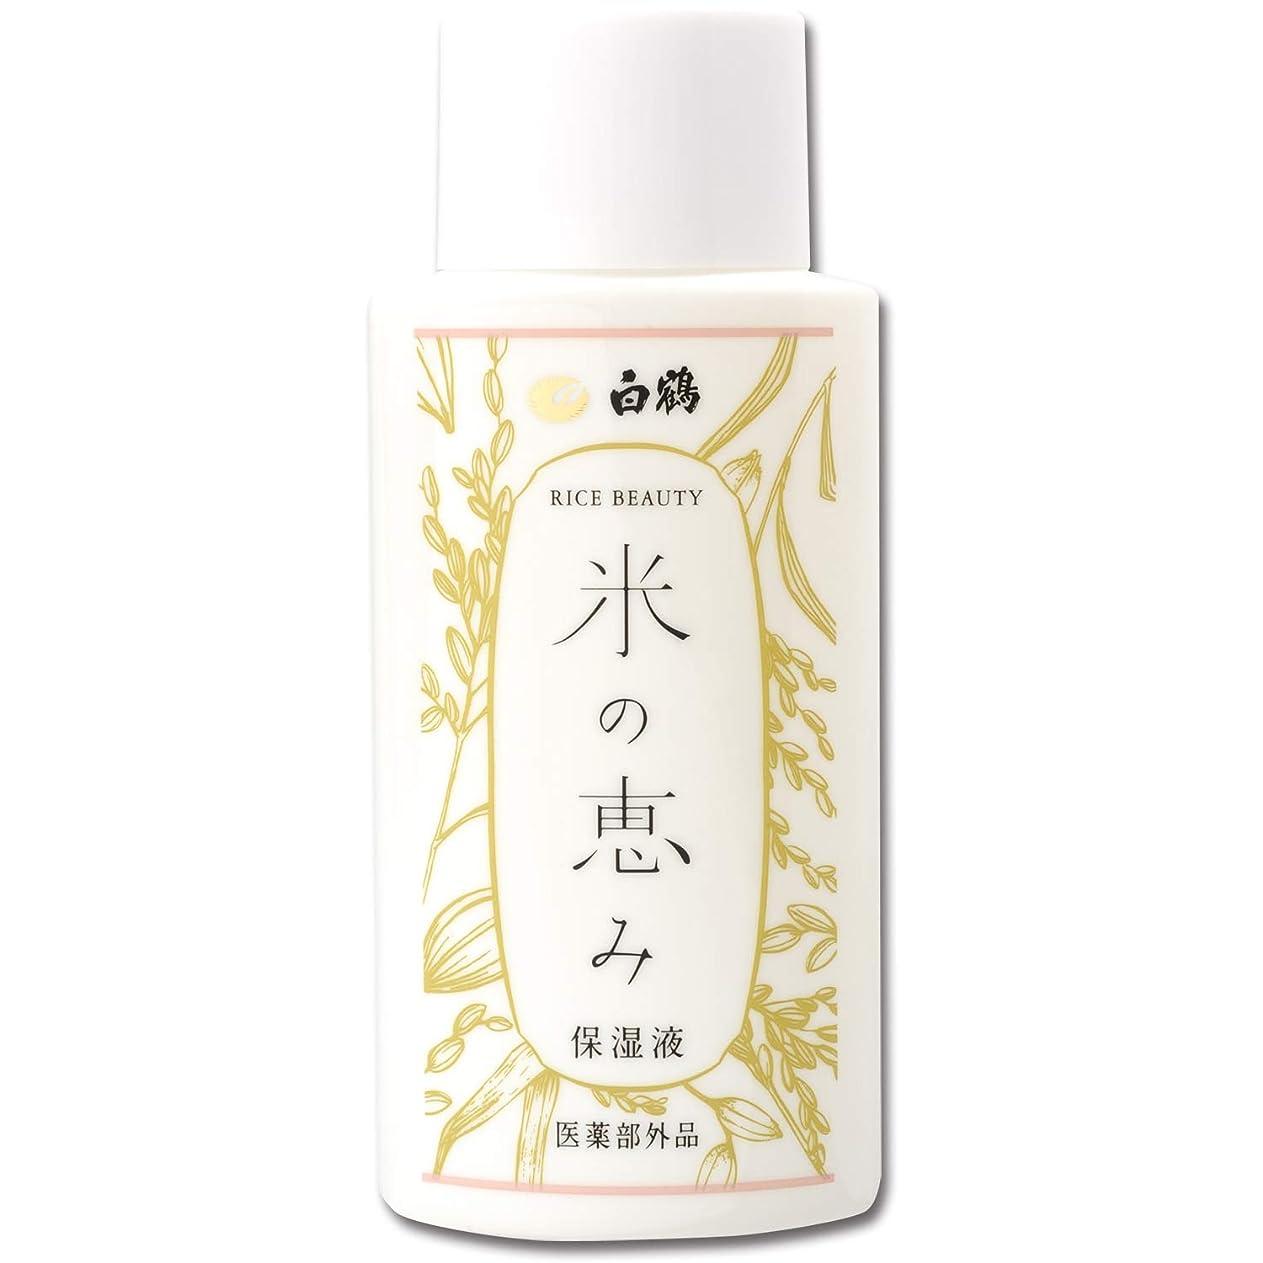 持参無限大細菌白鶴 ライスビューティー 米の恵み 保湿液 150ml(高保湿とろみ化粧水/医薬部外品)